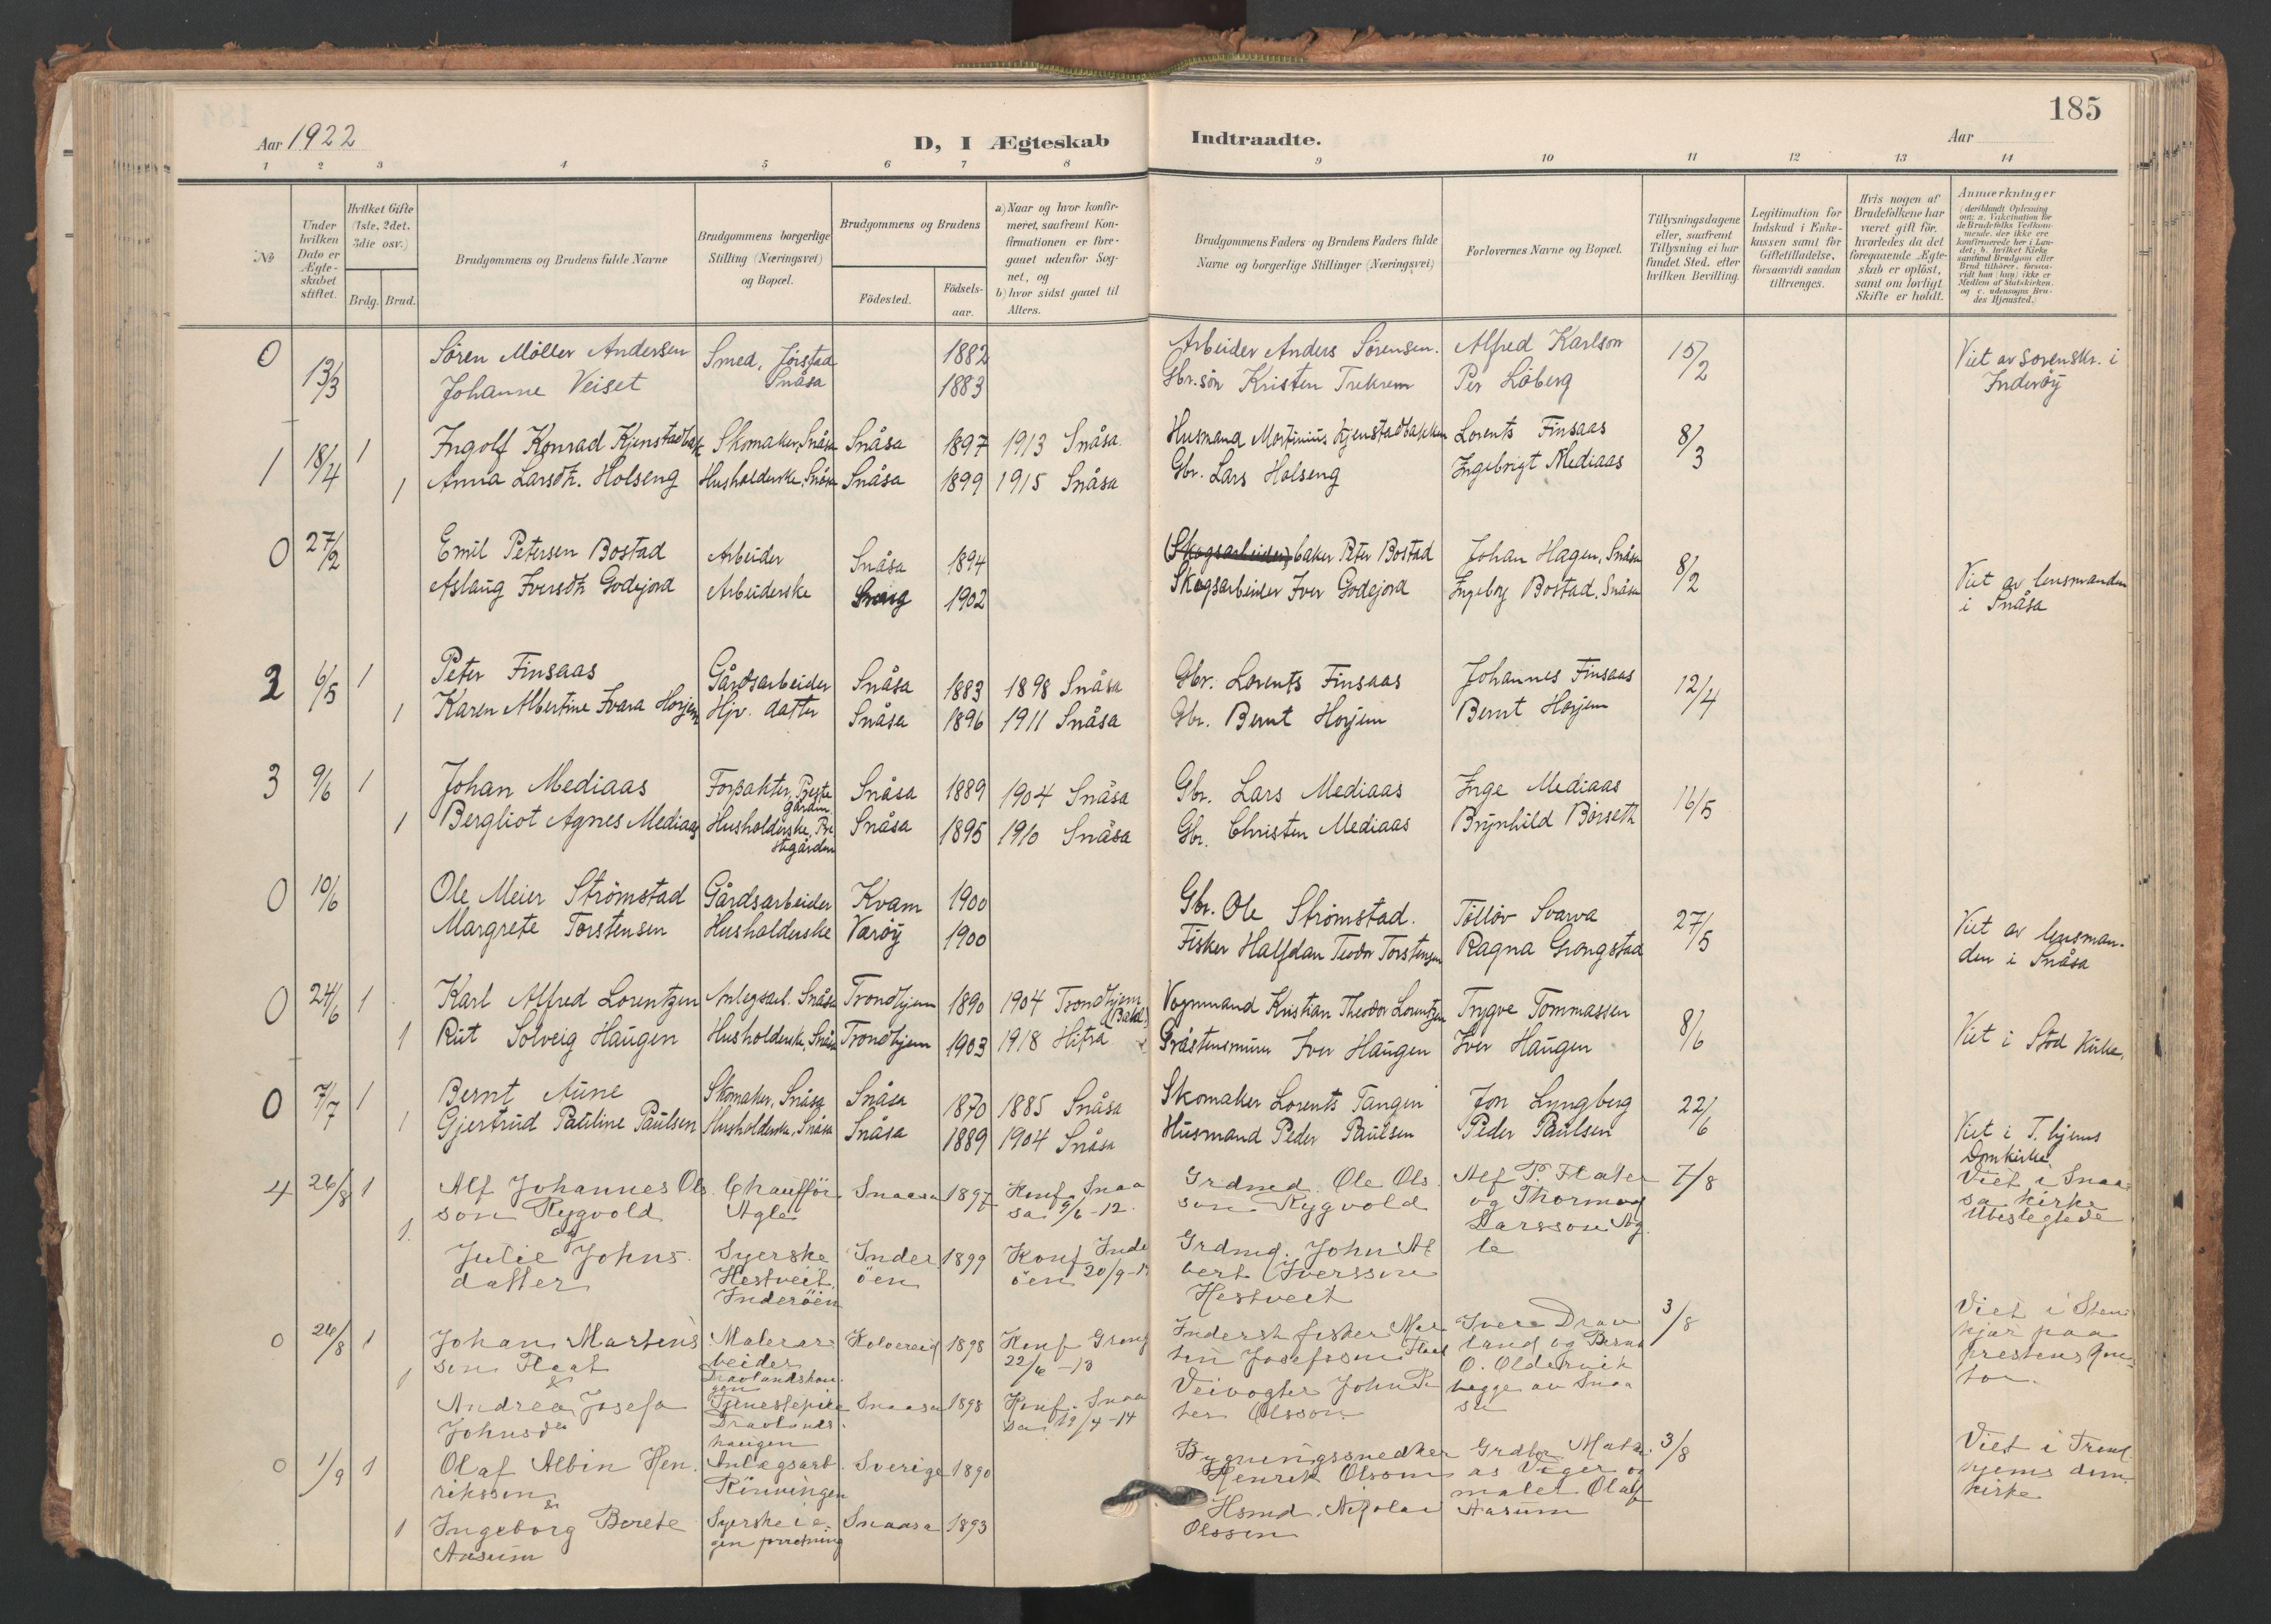 SAT, Ministerialprotokoller, klokkerbøker og fødselsregistre - Nord-Trøndelag, 749/L0477: Ministerialbok nr. 749A11, 1902-1927, s. 185